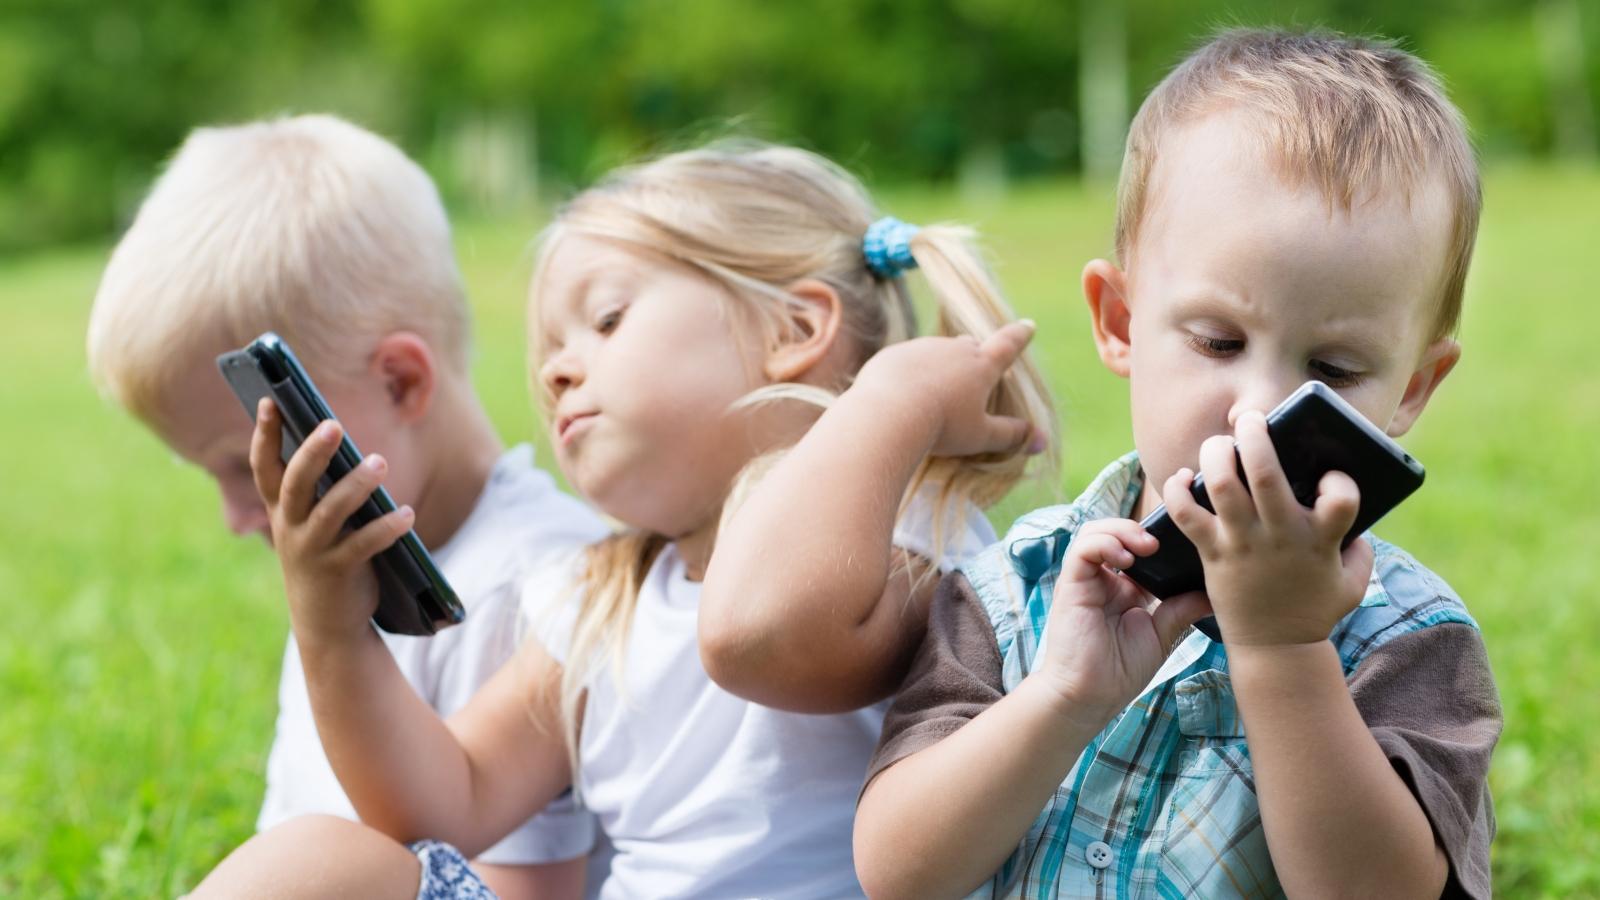 في أي سن يمكنك أن تهدي طفلك هاتفا ذكيا ؟